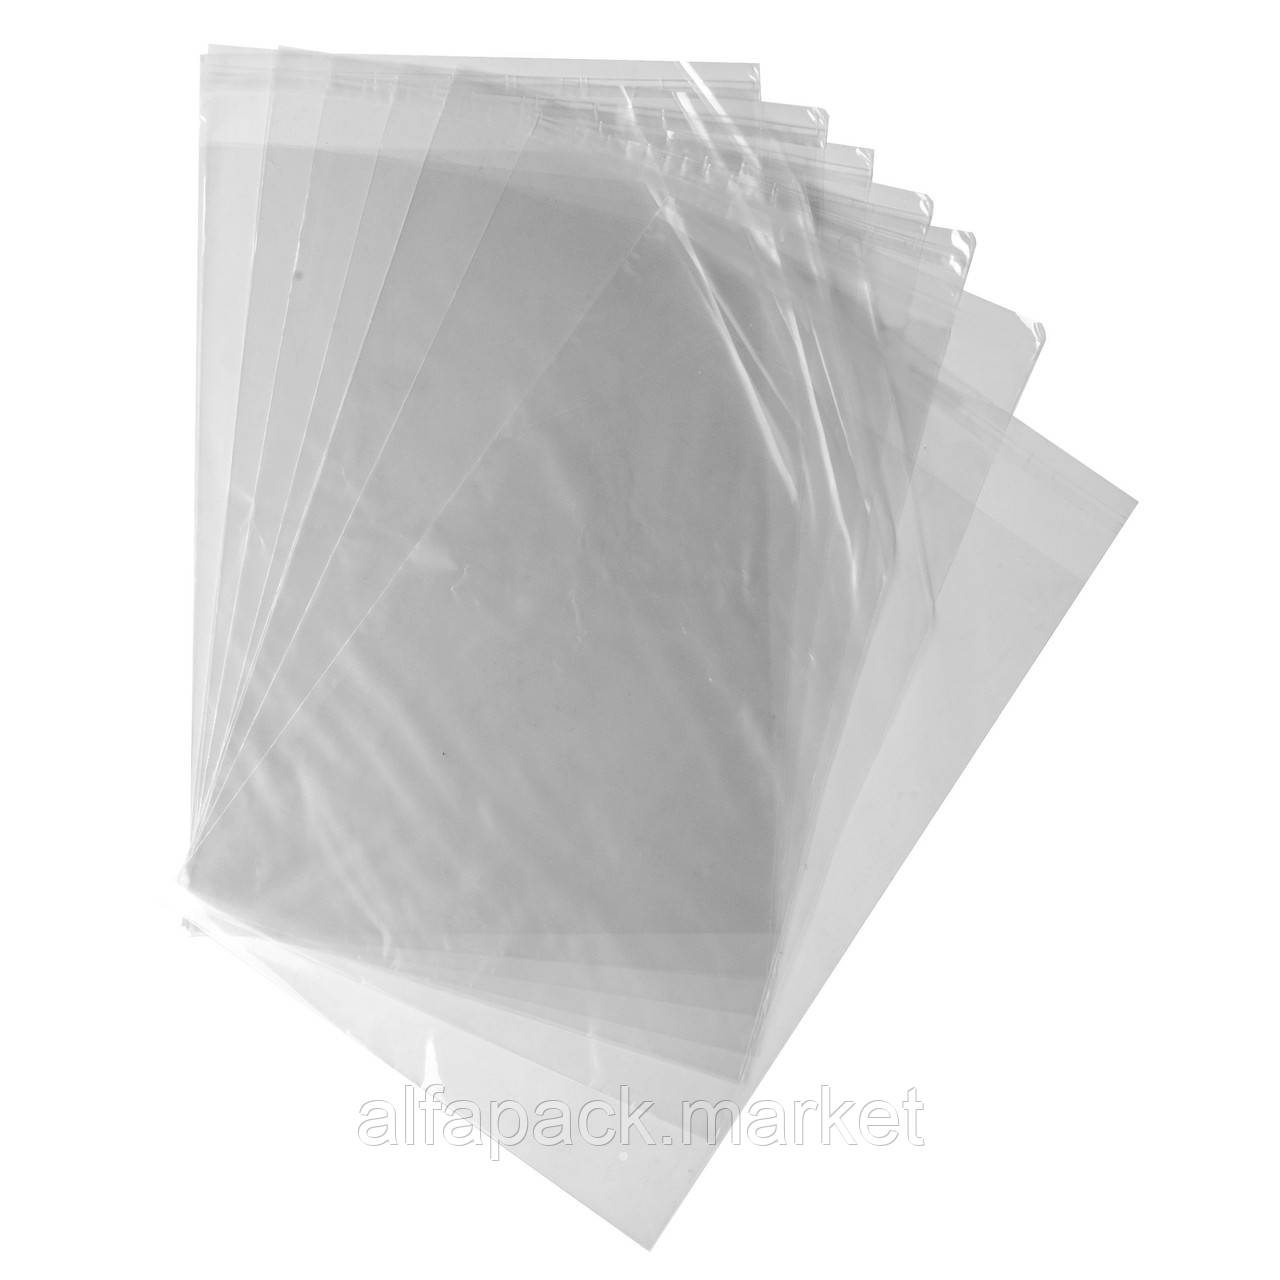 Пакет полипропиленовый 160*250